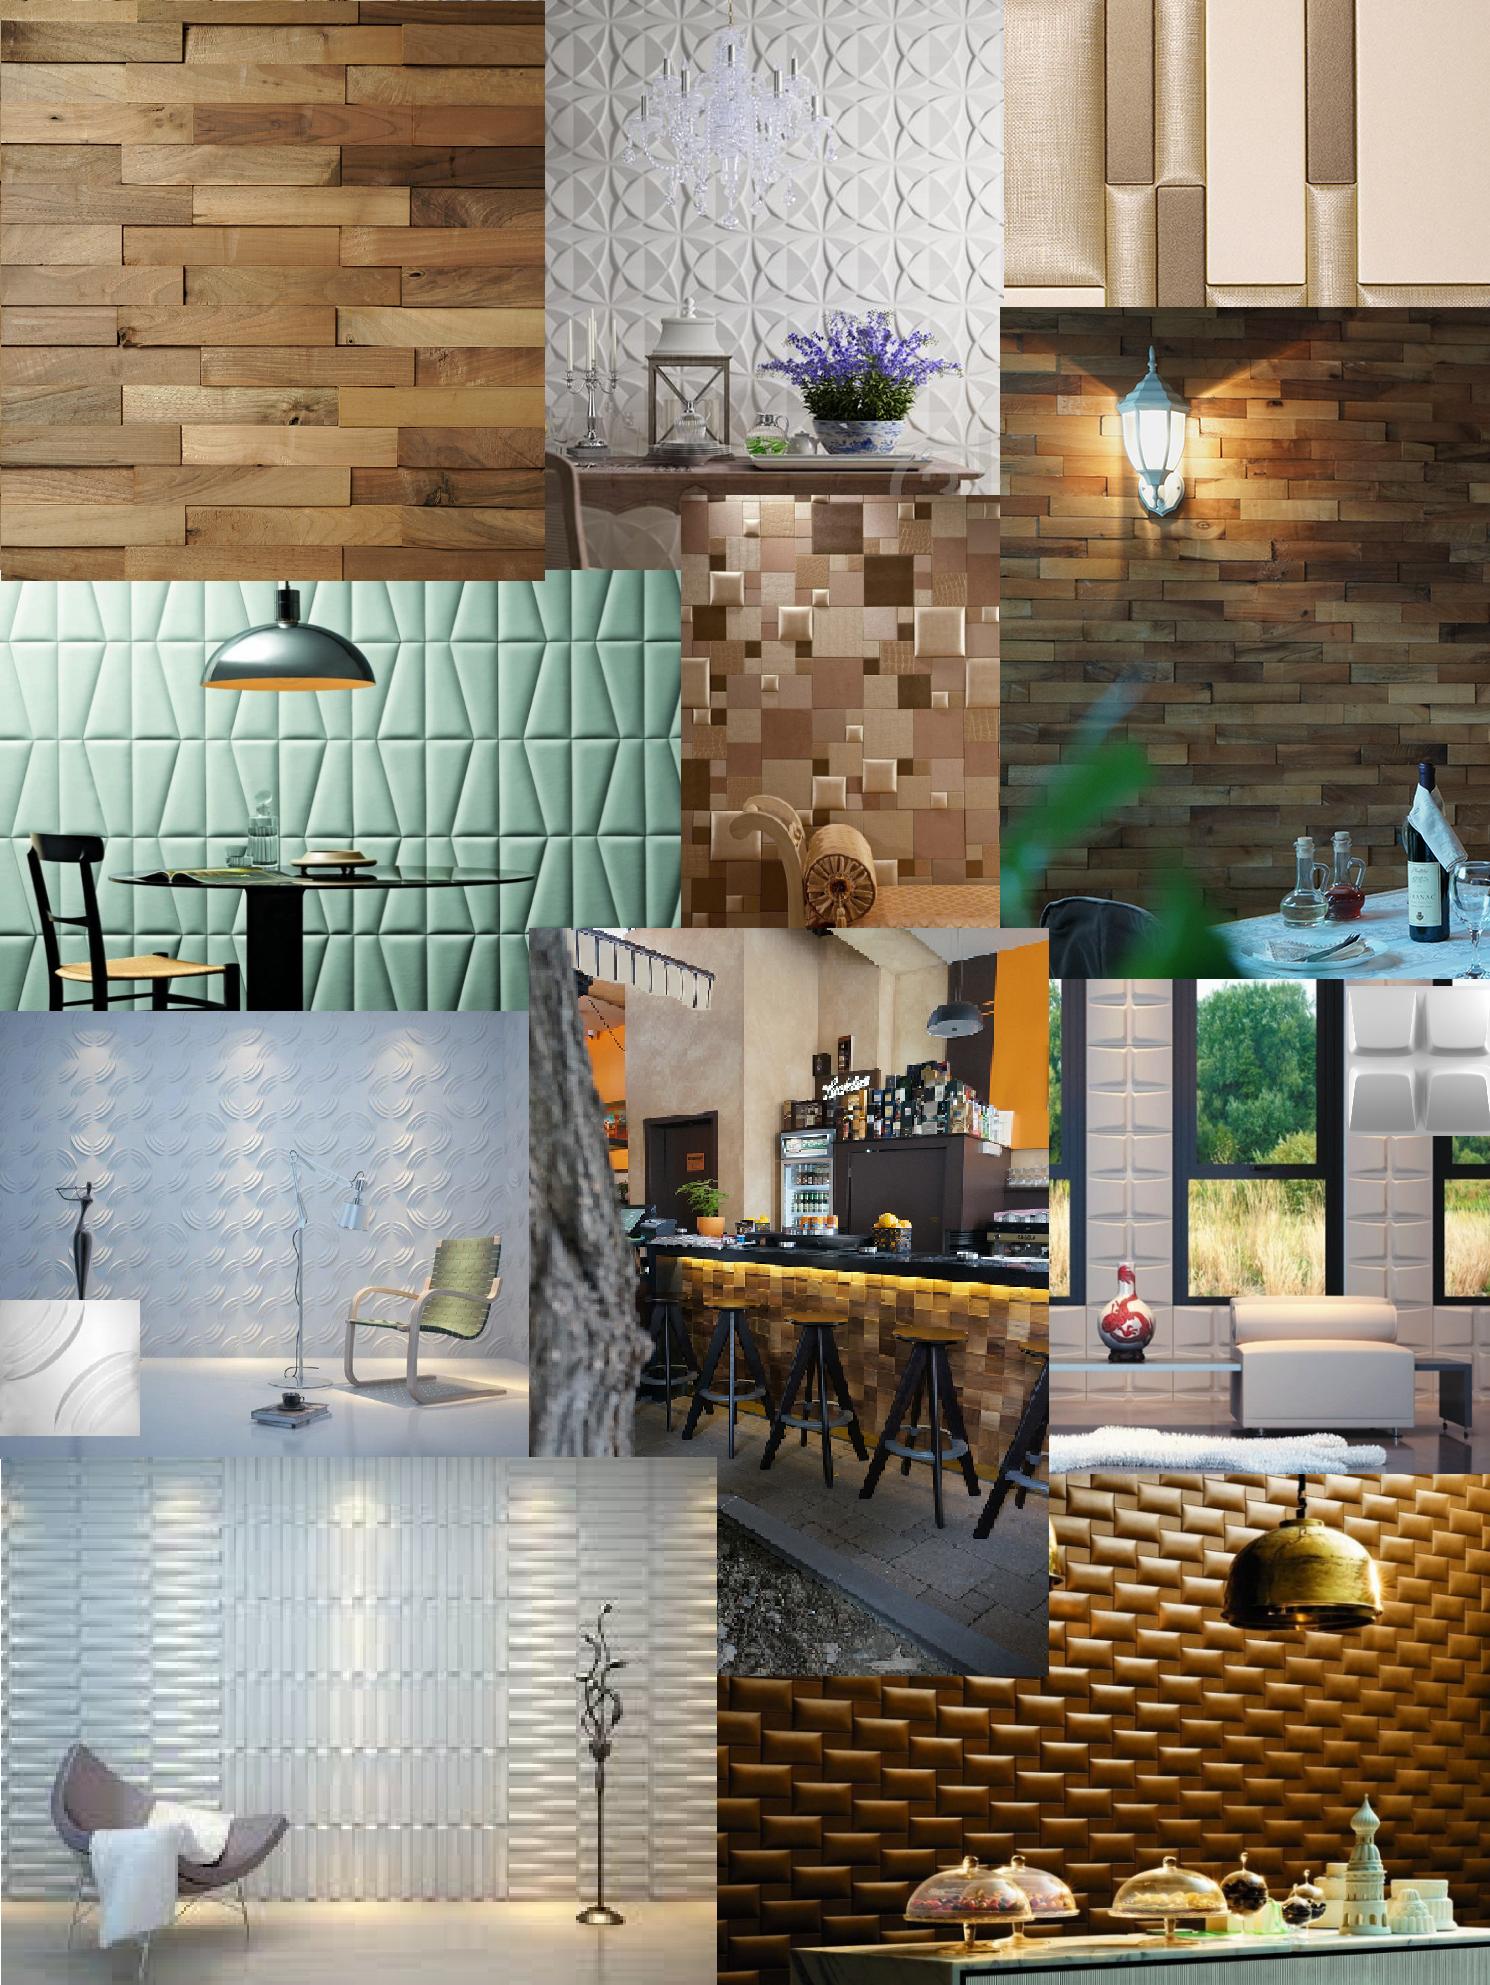 3d wall panels Italia,pannelli tridimensionali,pareti 3D,pareti decorative,Pannelli 3d per interni,pannelli 3d Milano,pannelli decorativi per pareti